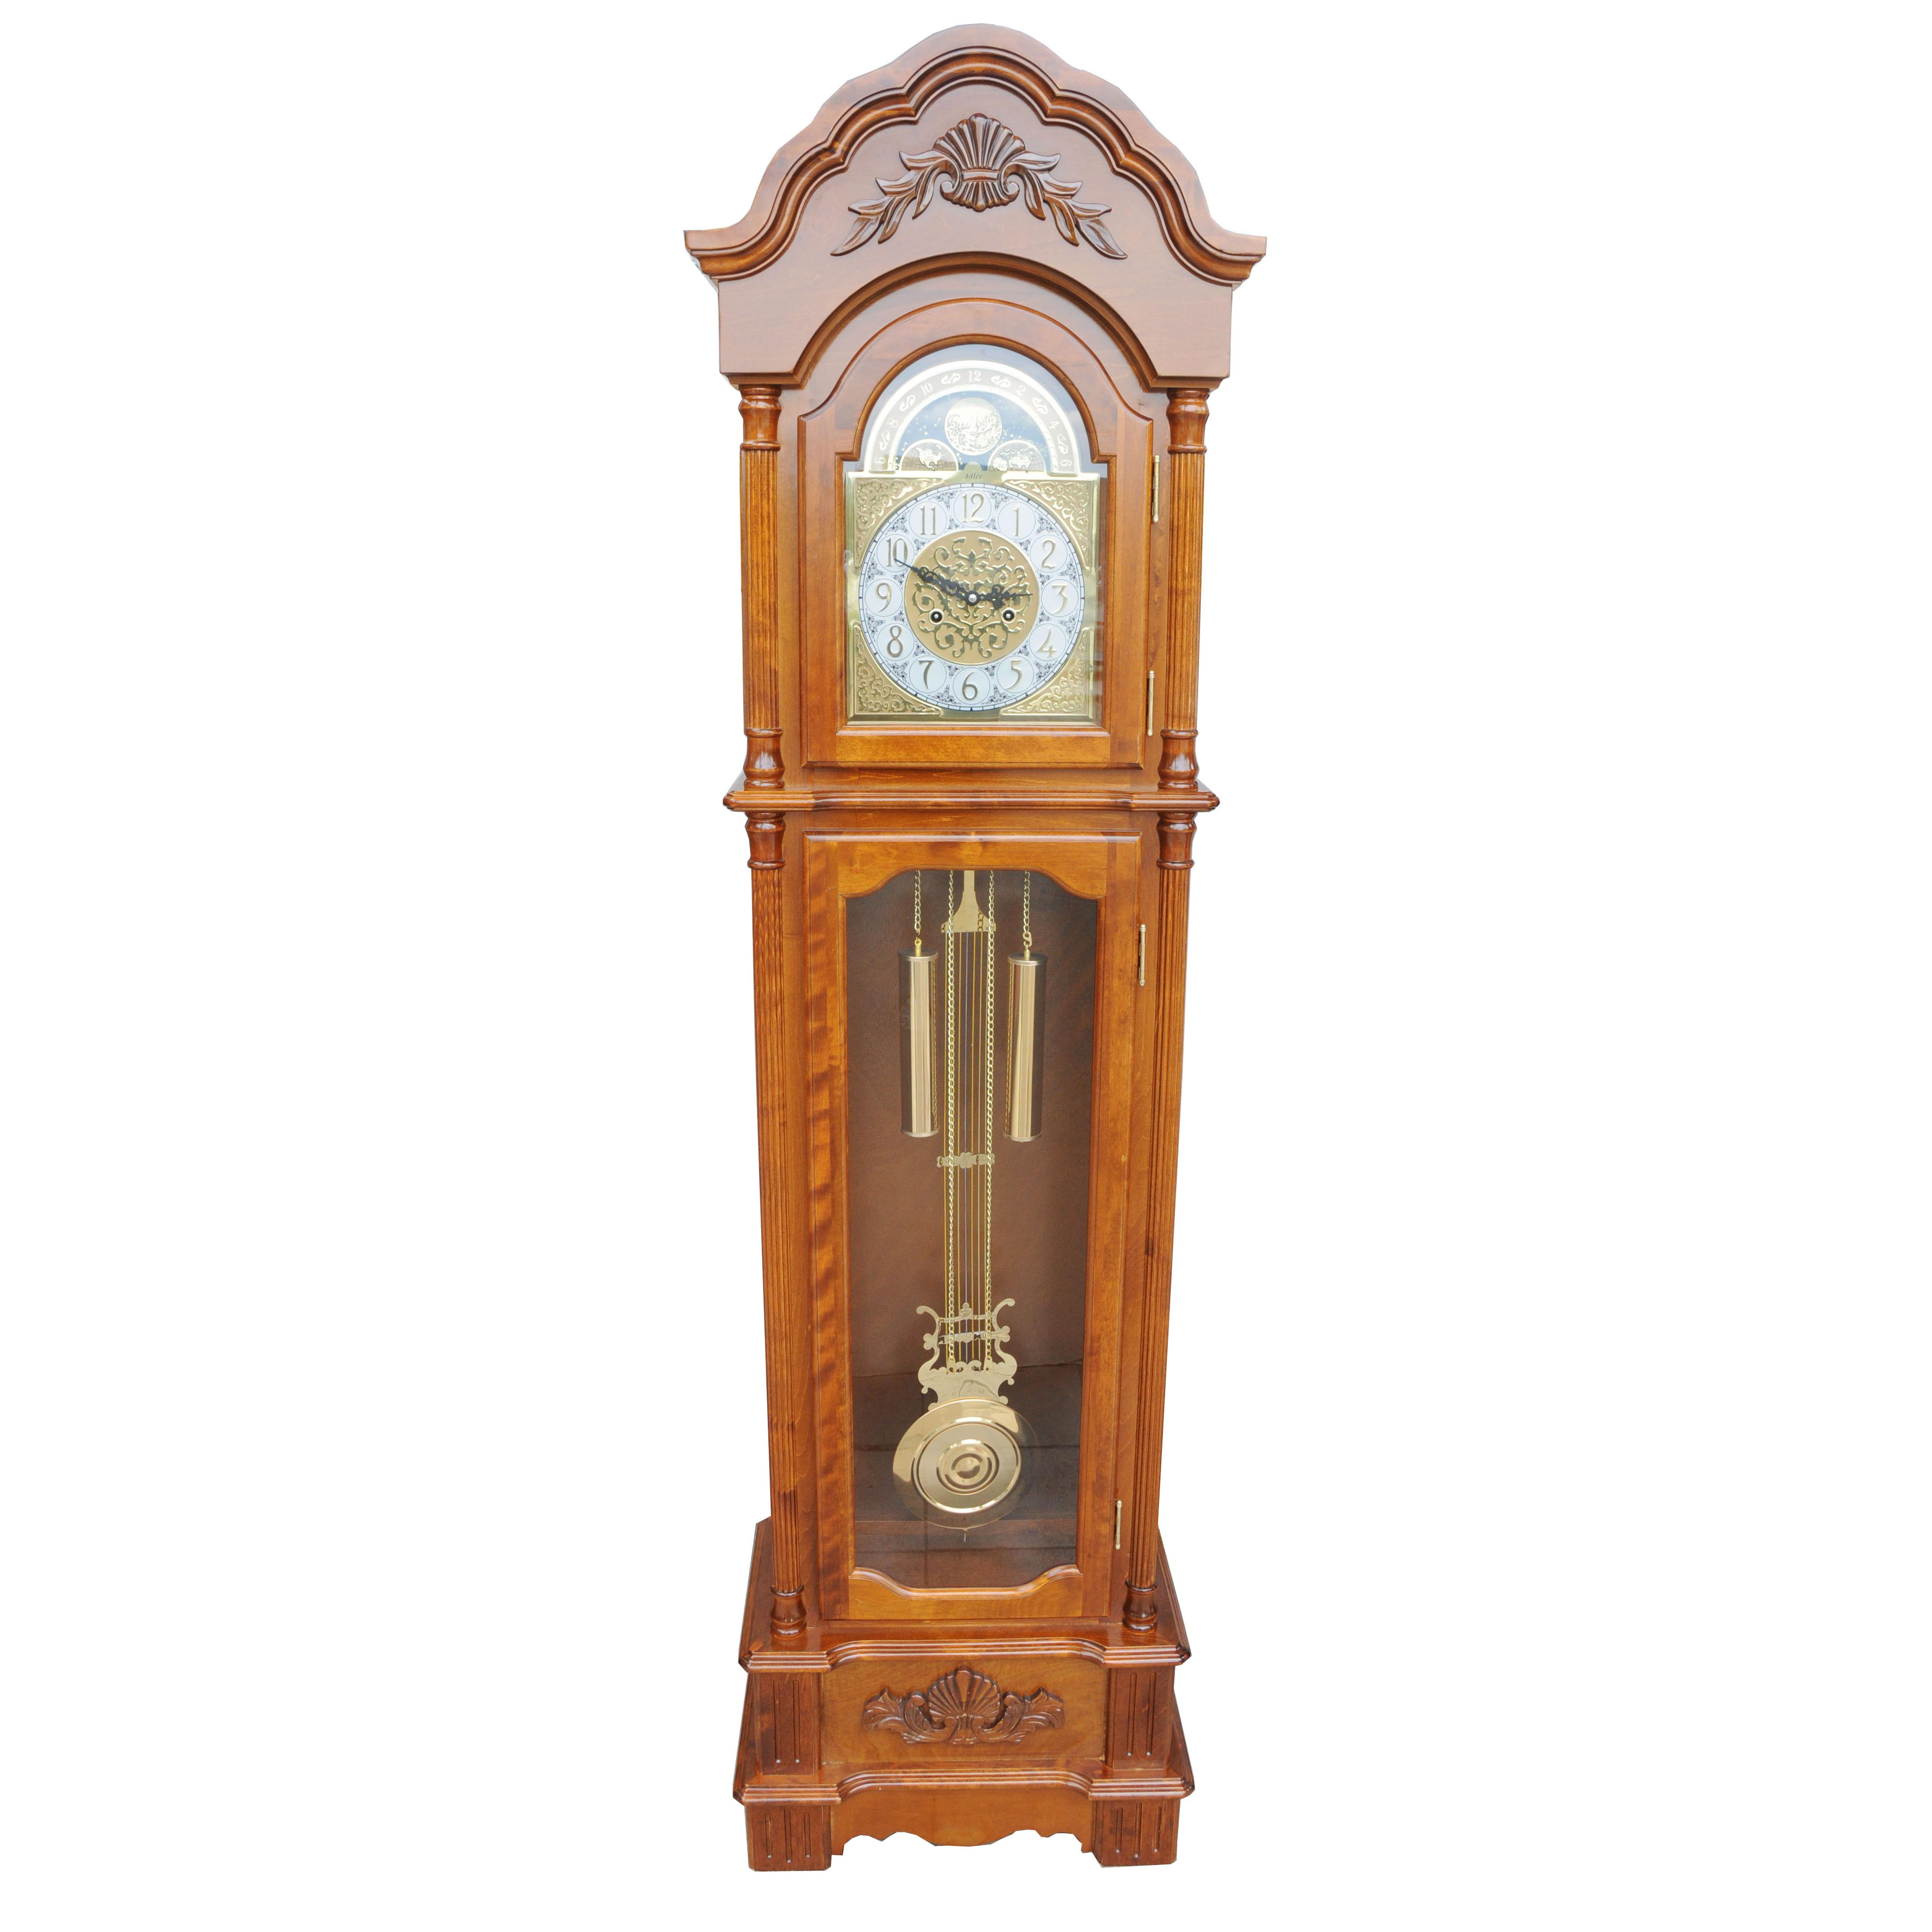 Zegar stojący Adler 10111 Dąb